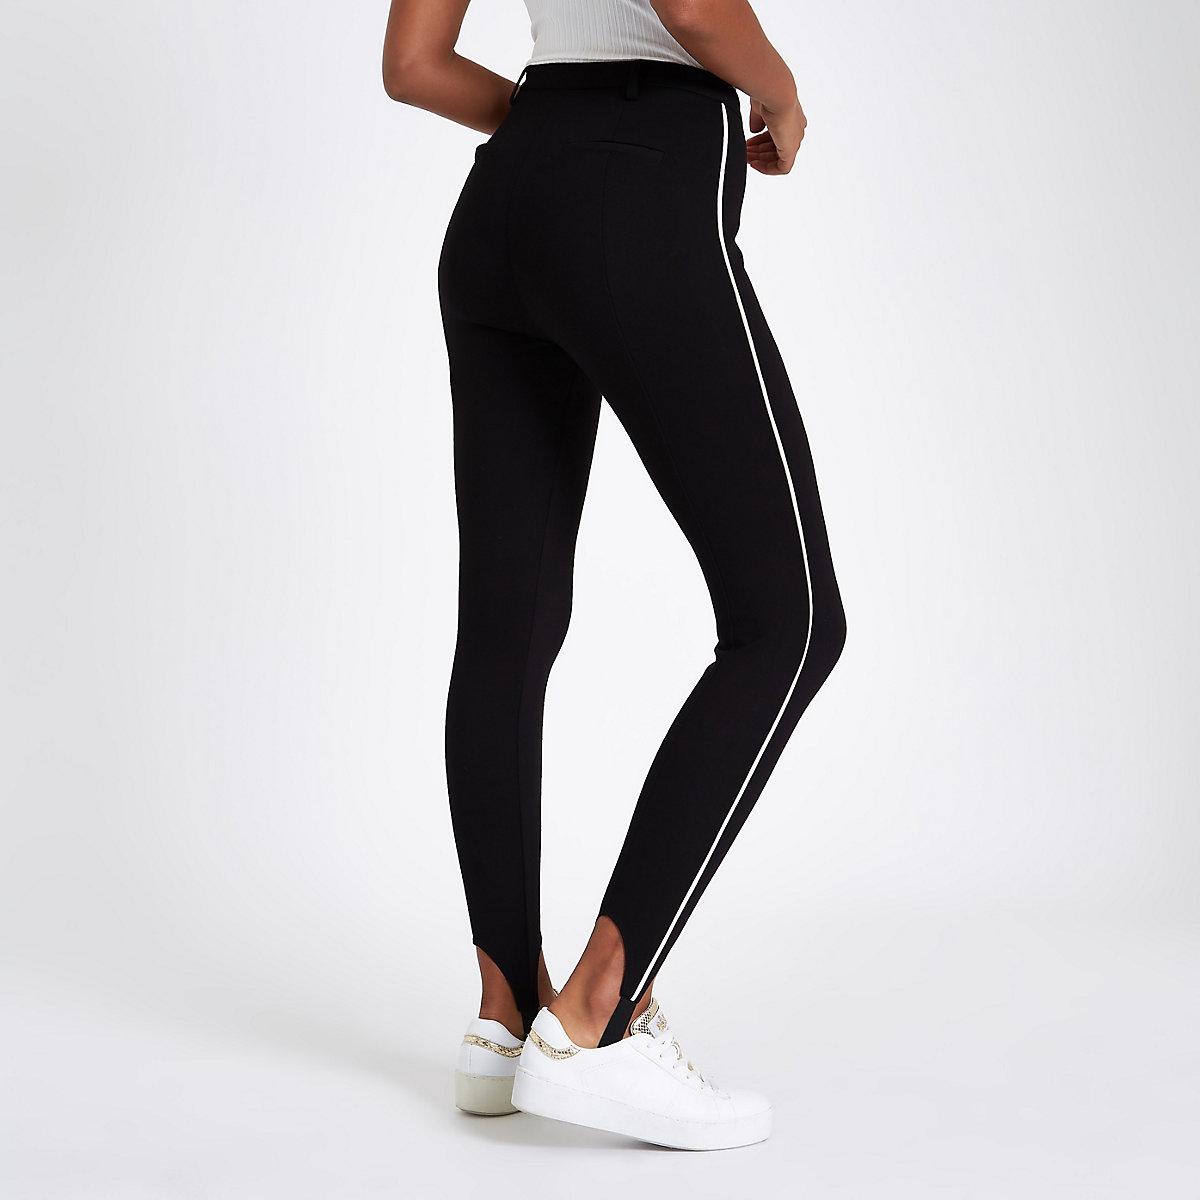 Pantalons Skinny Noir Le Rayure À Côté Fuseau Legging Sur O0qqg